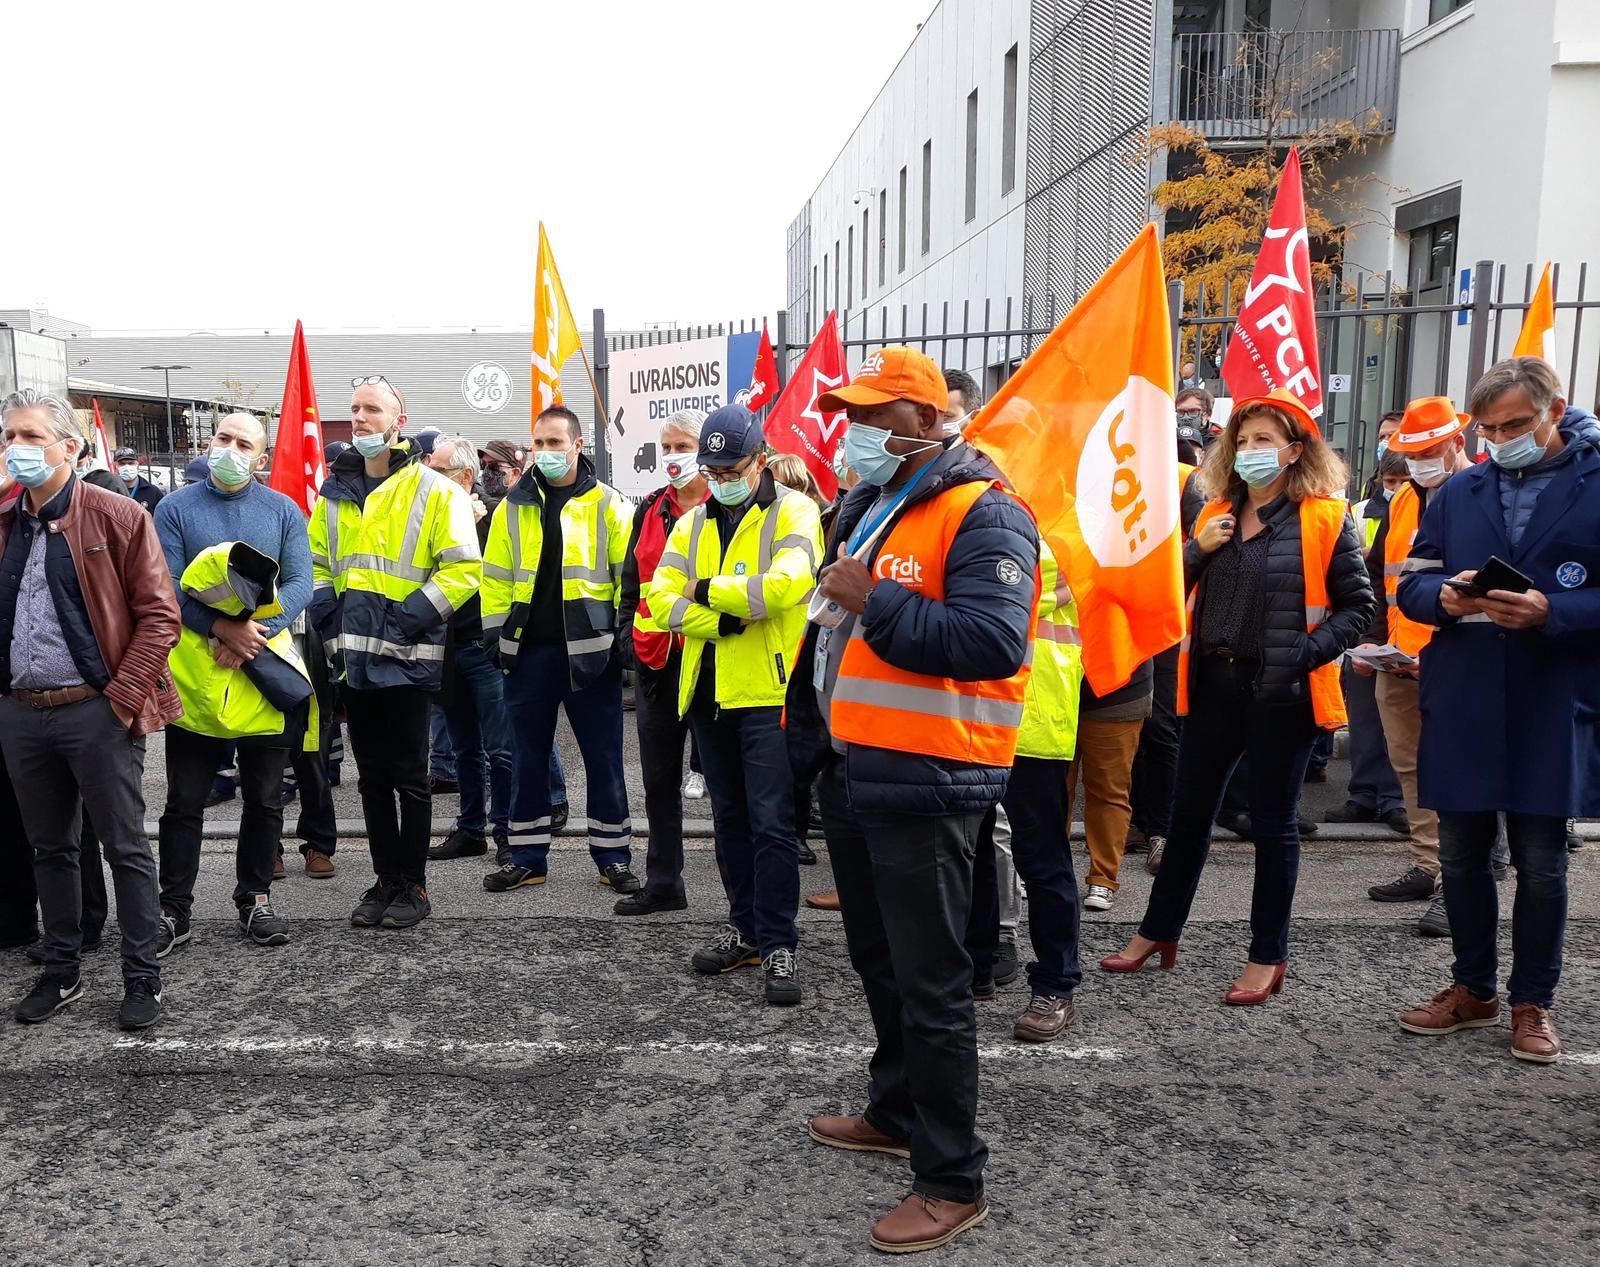 Rasemblement de lutte à GE Villeurbanne le 28 octobre